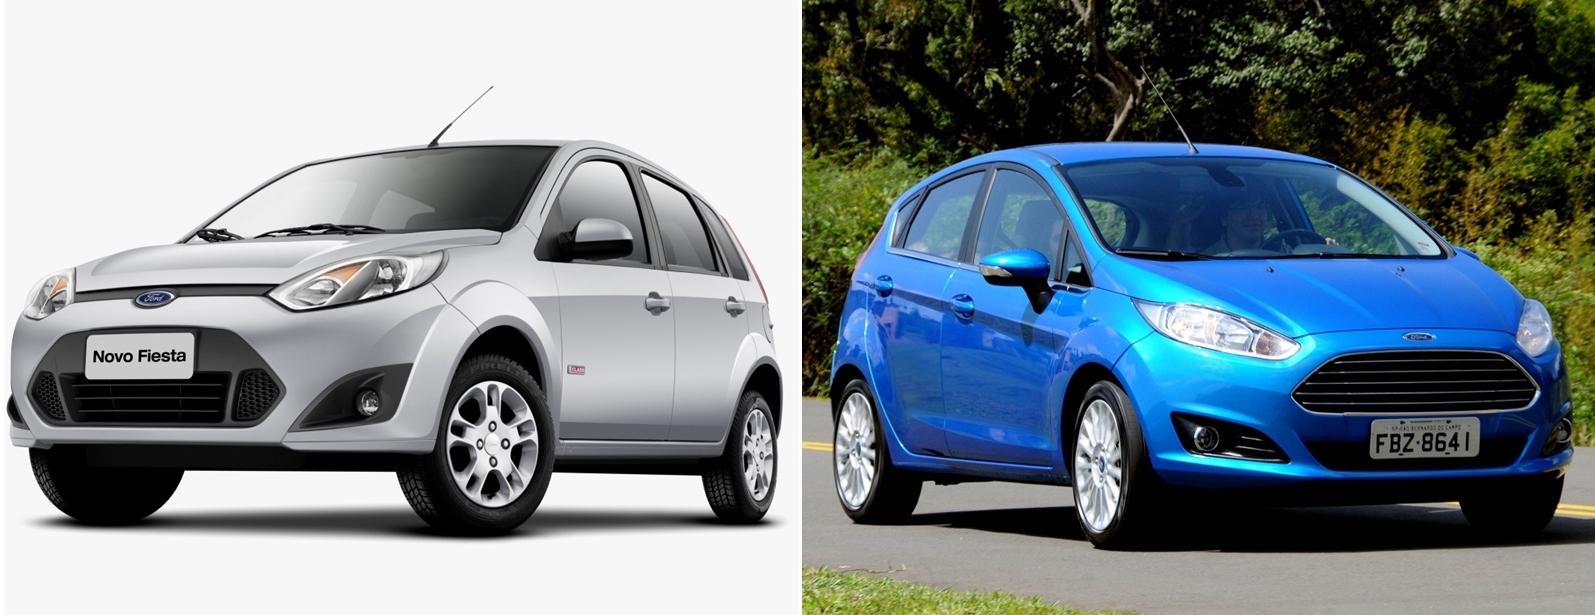 O Ford Fiesta evoluiu em tudo, menos no espaço interno